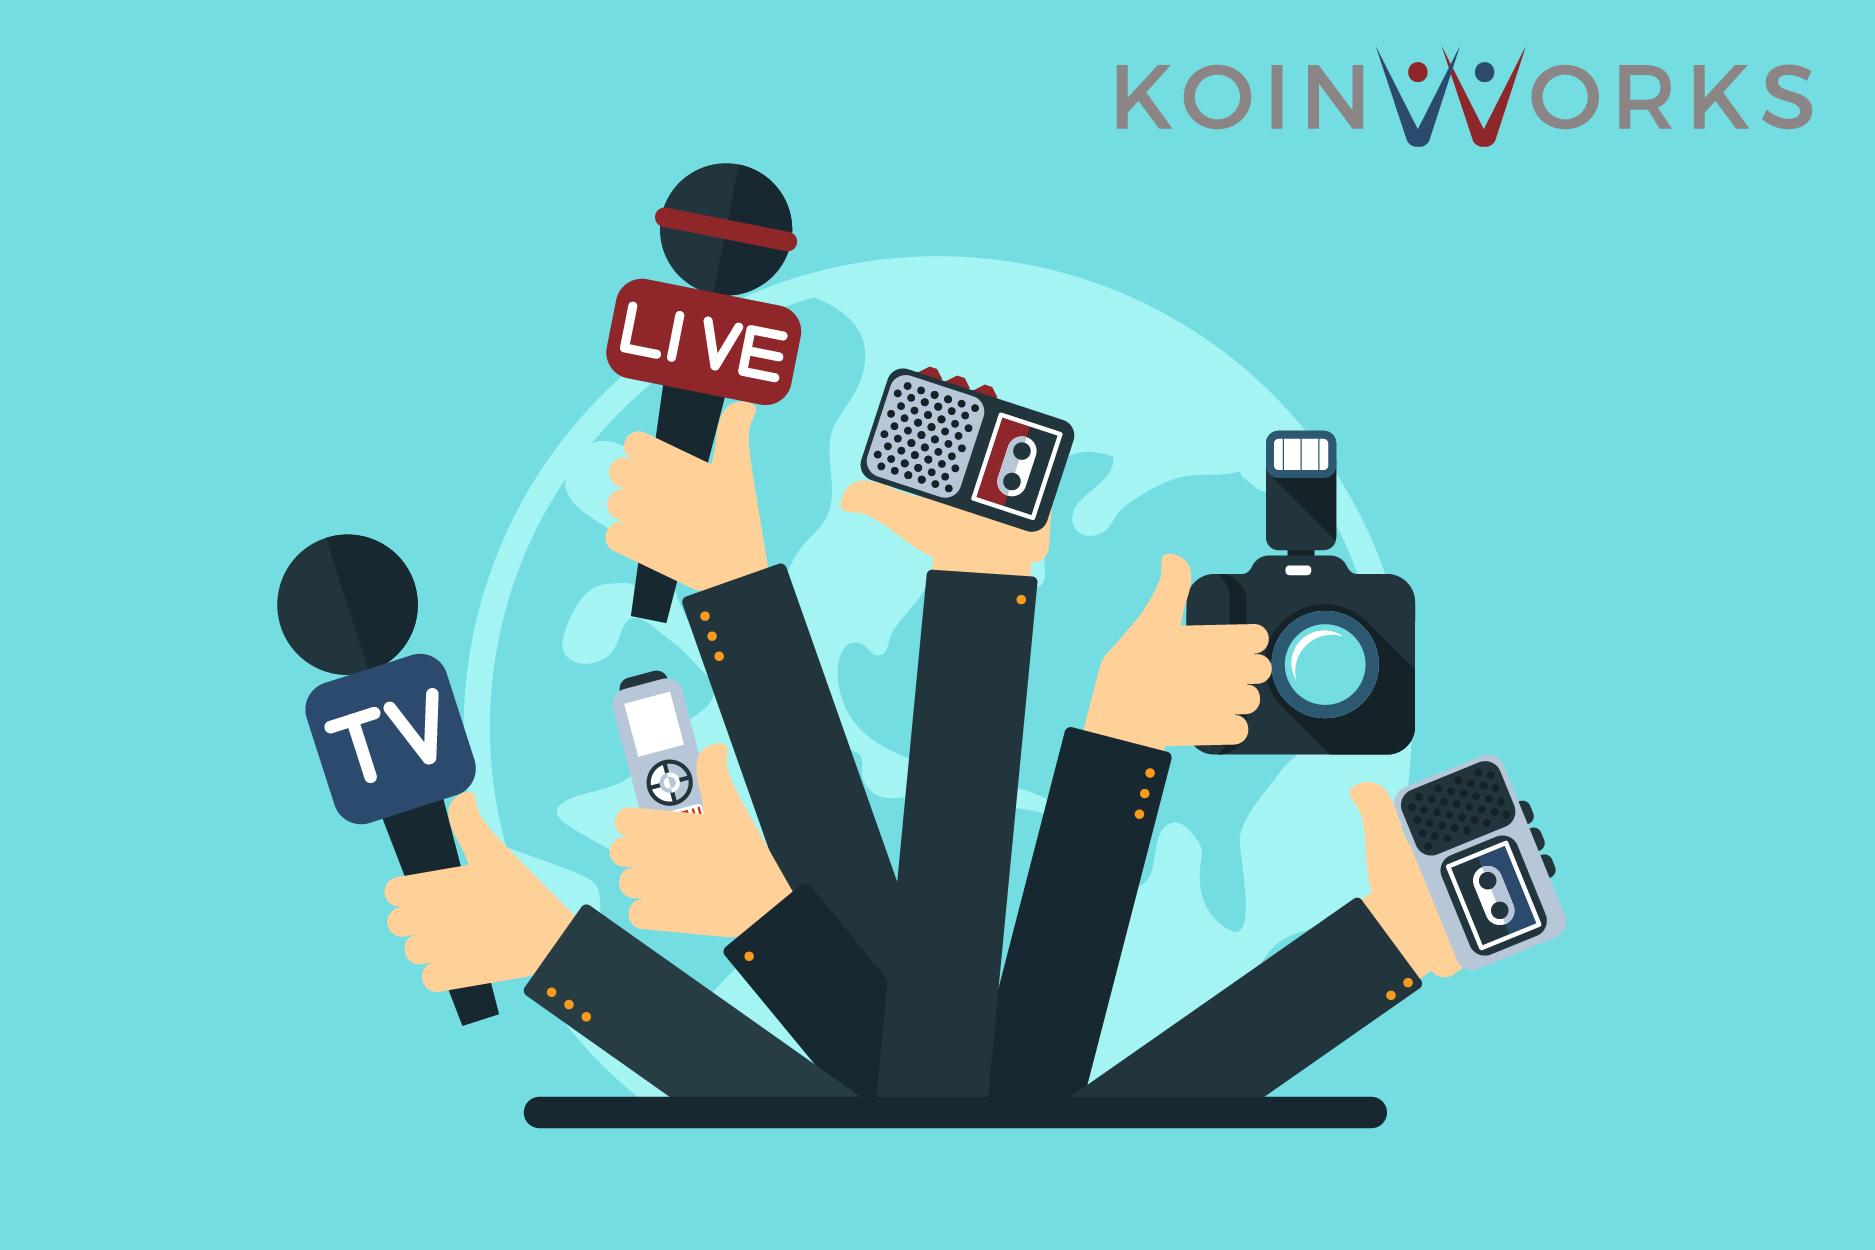 Regulasi Untuk Pinjaman Online Sedang Disiapkan Ojk Koinworks Blog